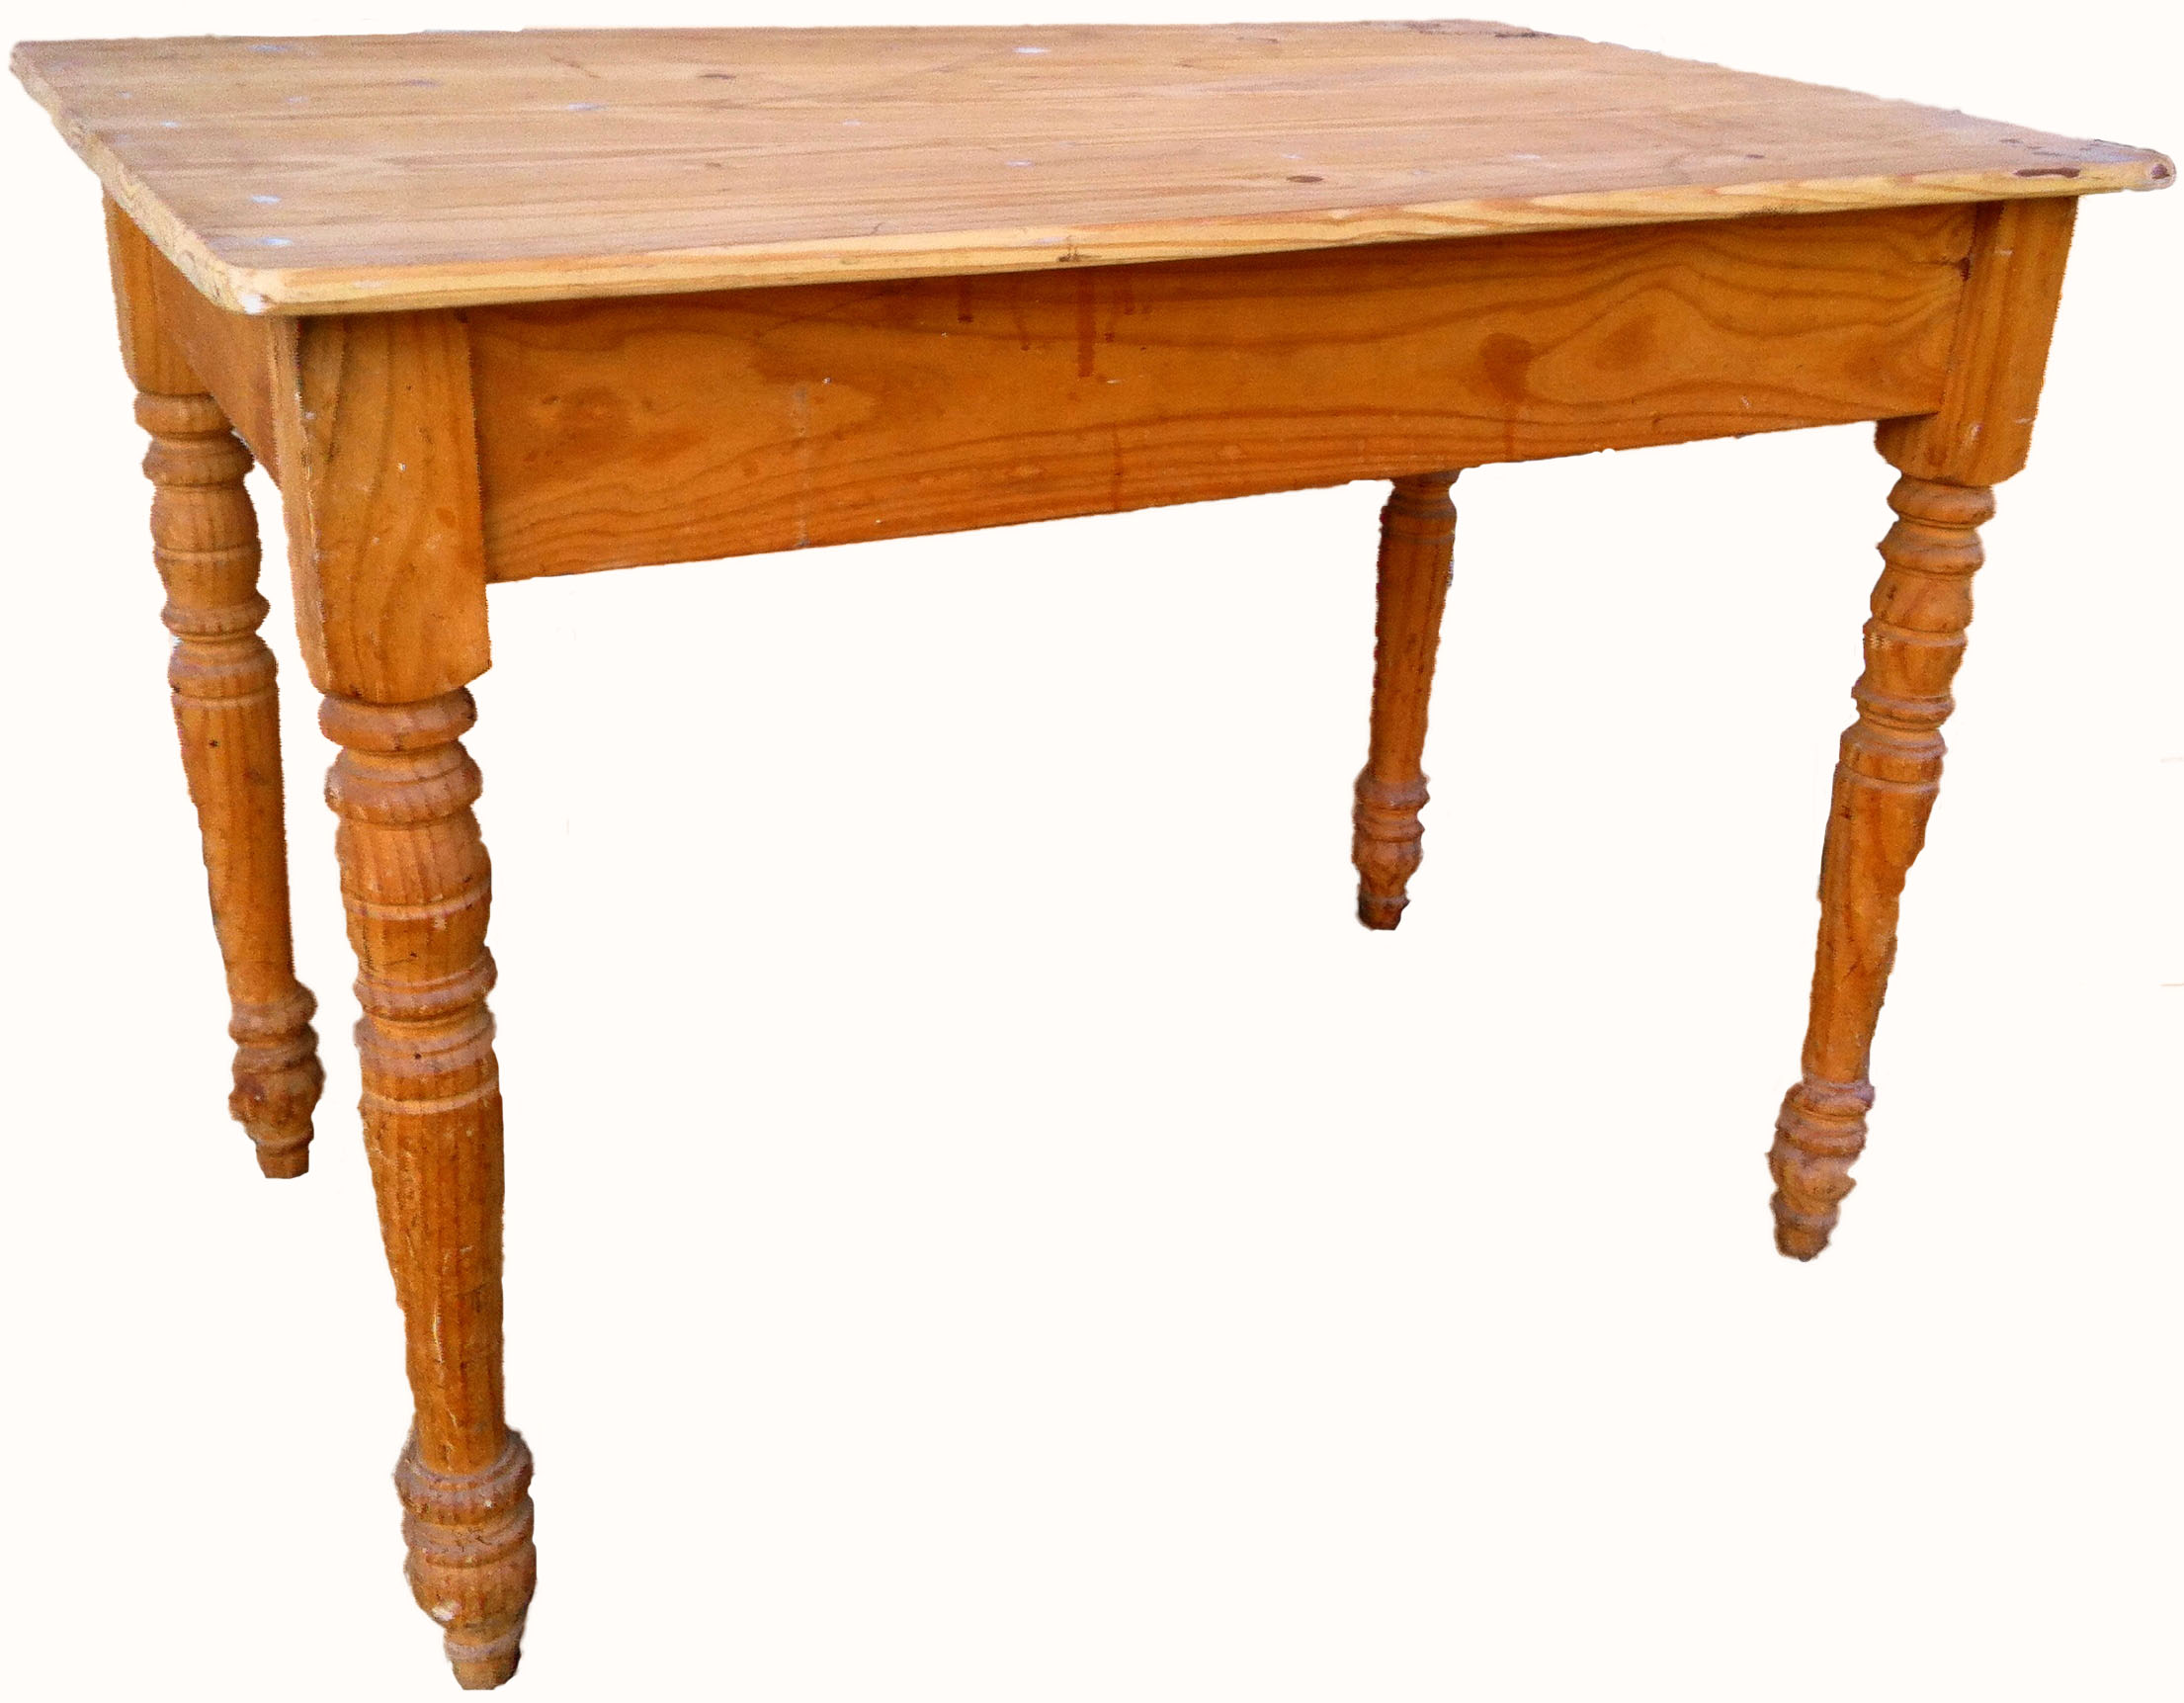 Linea comedor carpinteria restauracion - Mesas de comedor antiguas restauradas ...